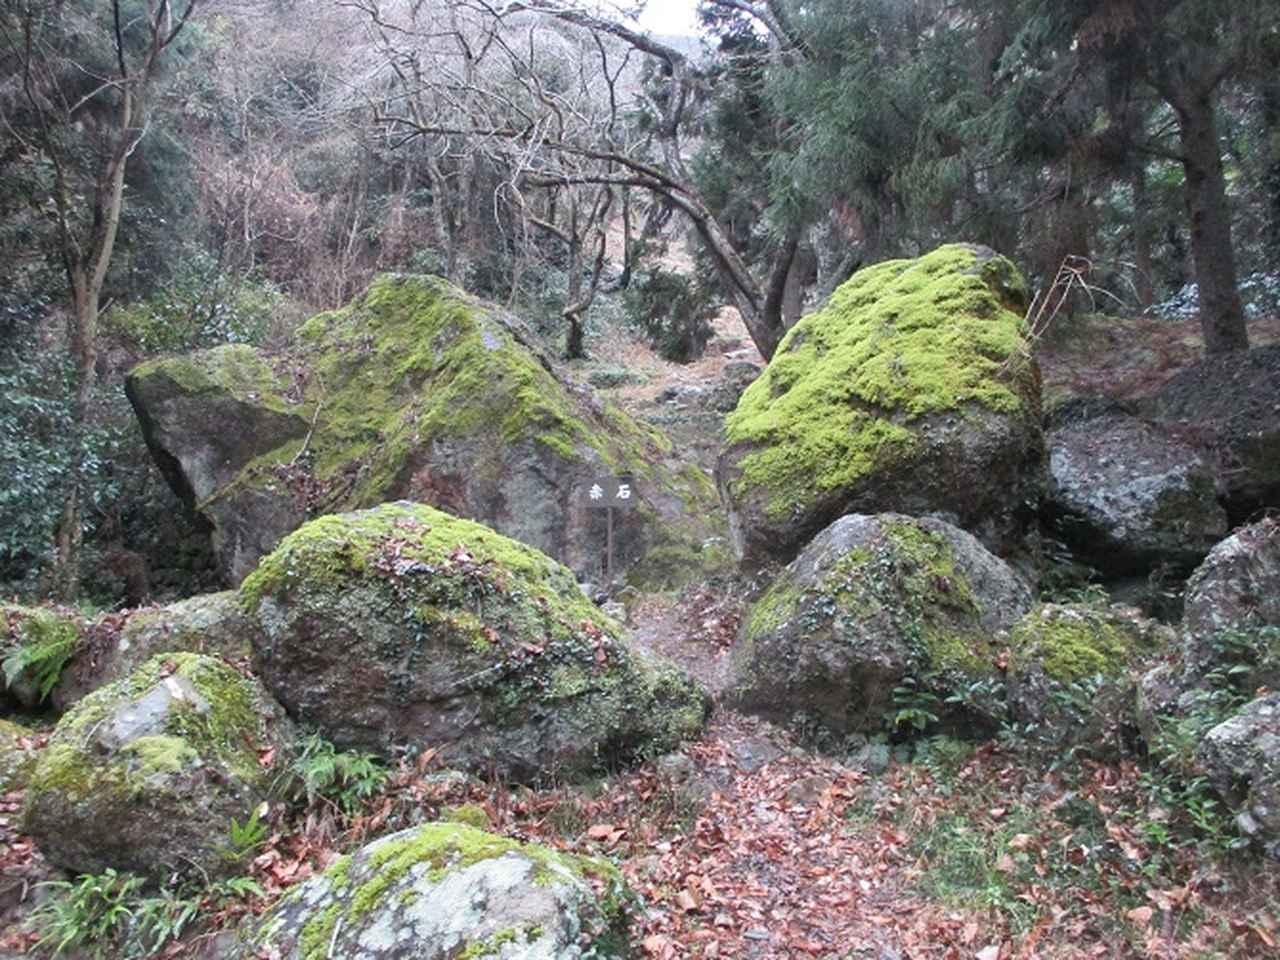 画像10: 【山旅会・登山ガイドこだわりツアー】岡田ガイドからの便り・石谷山(びく石)ツアーの下見にいってまいりました